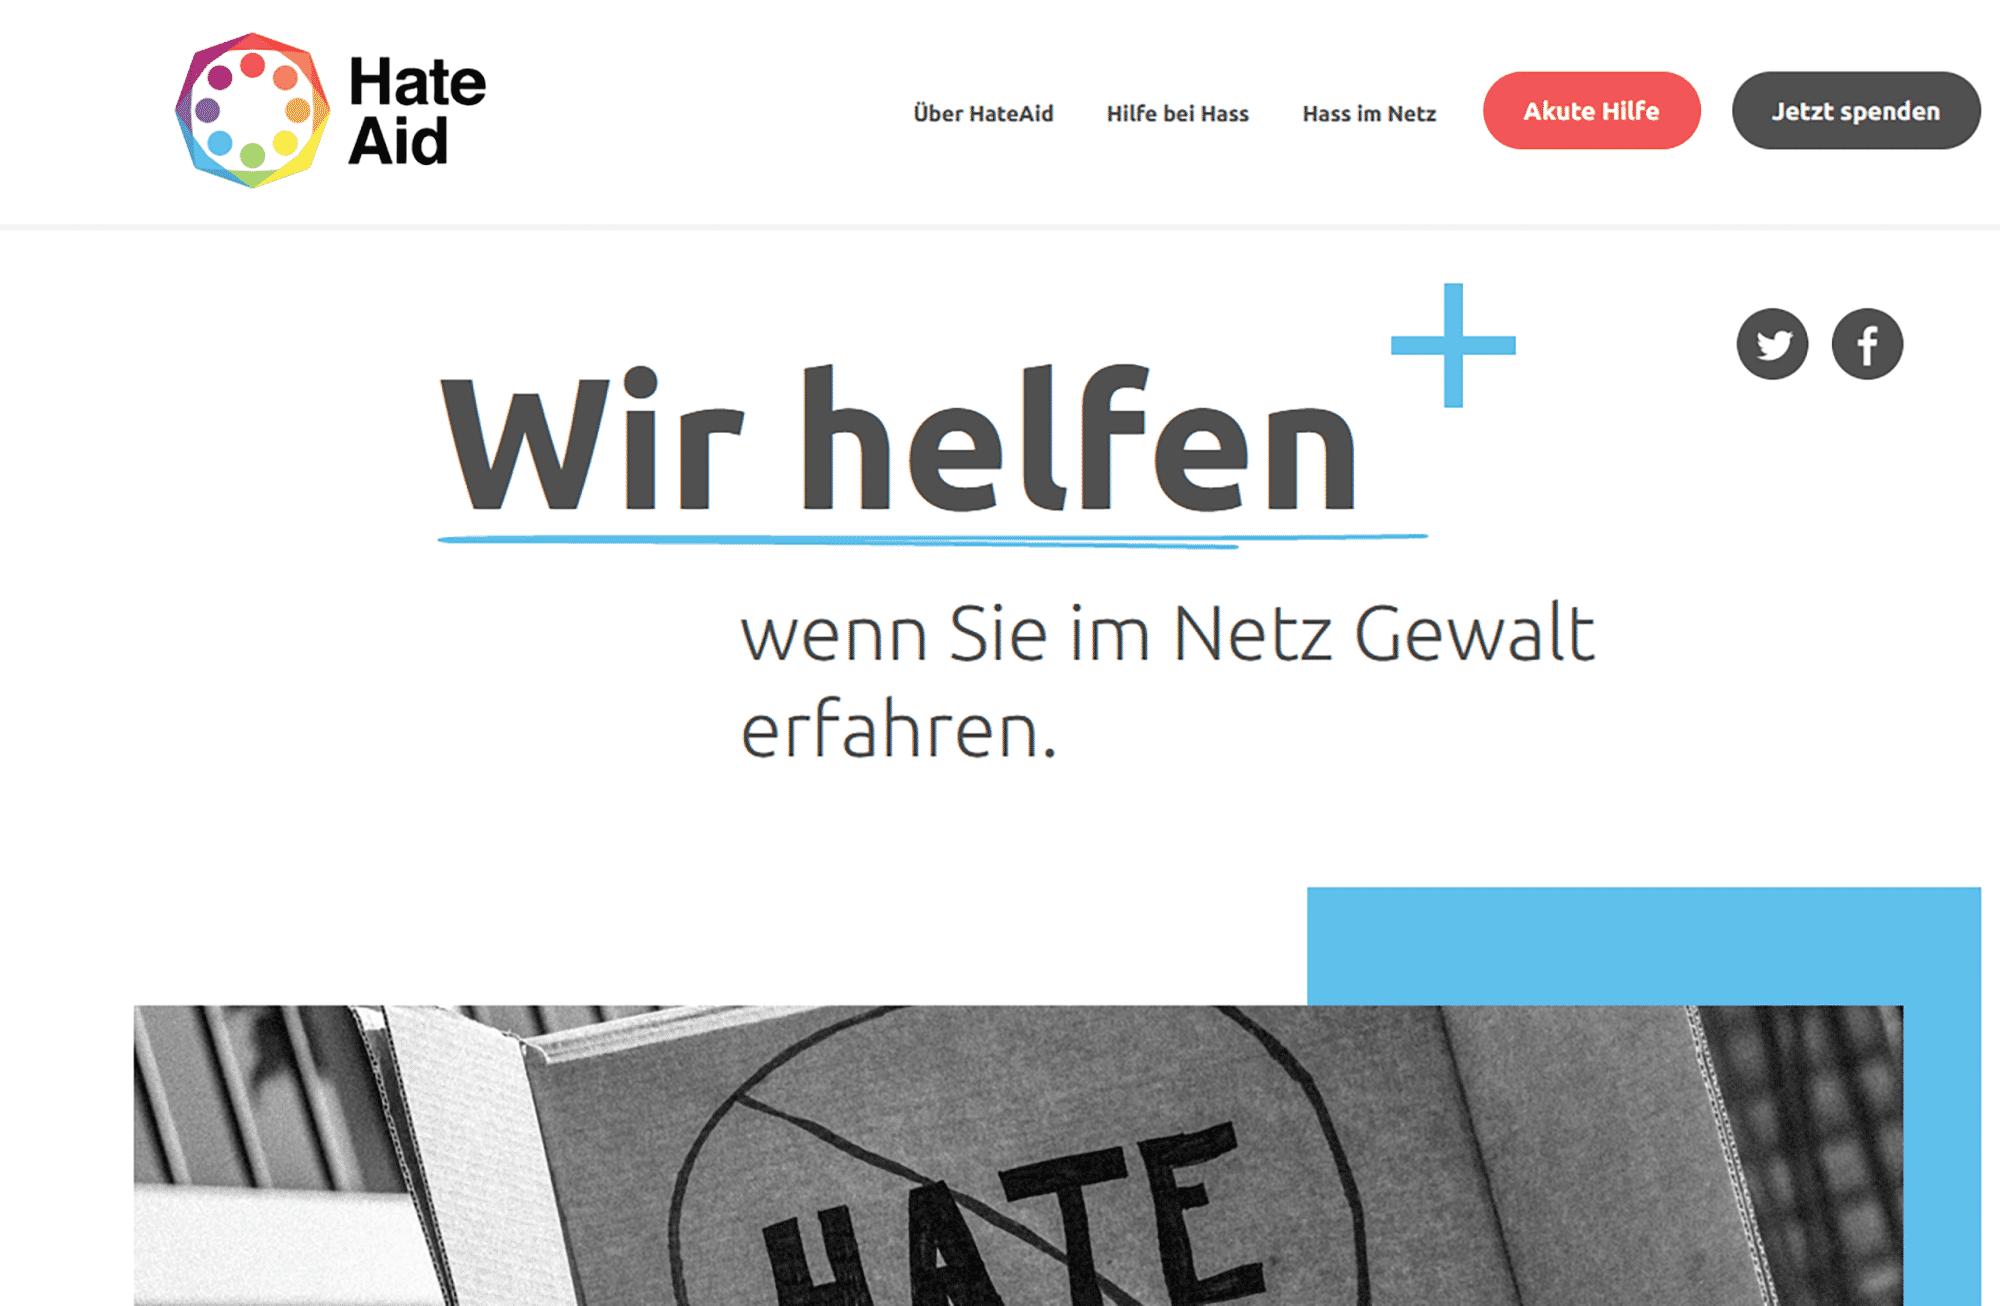 Die Organisation Hate Aid unterstützte Renate Künast bei ihrer Herausgabe-forderung gegen Facebook.